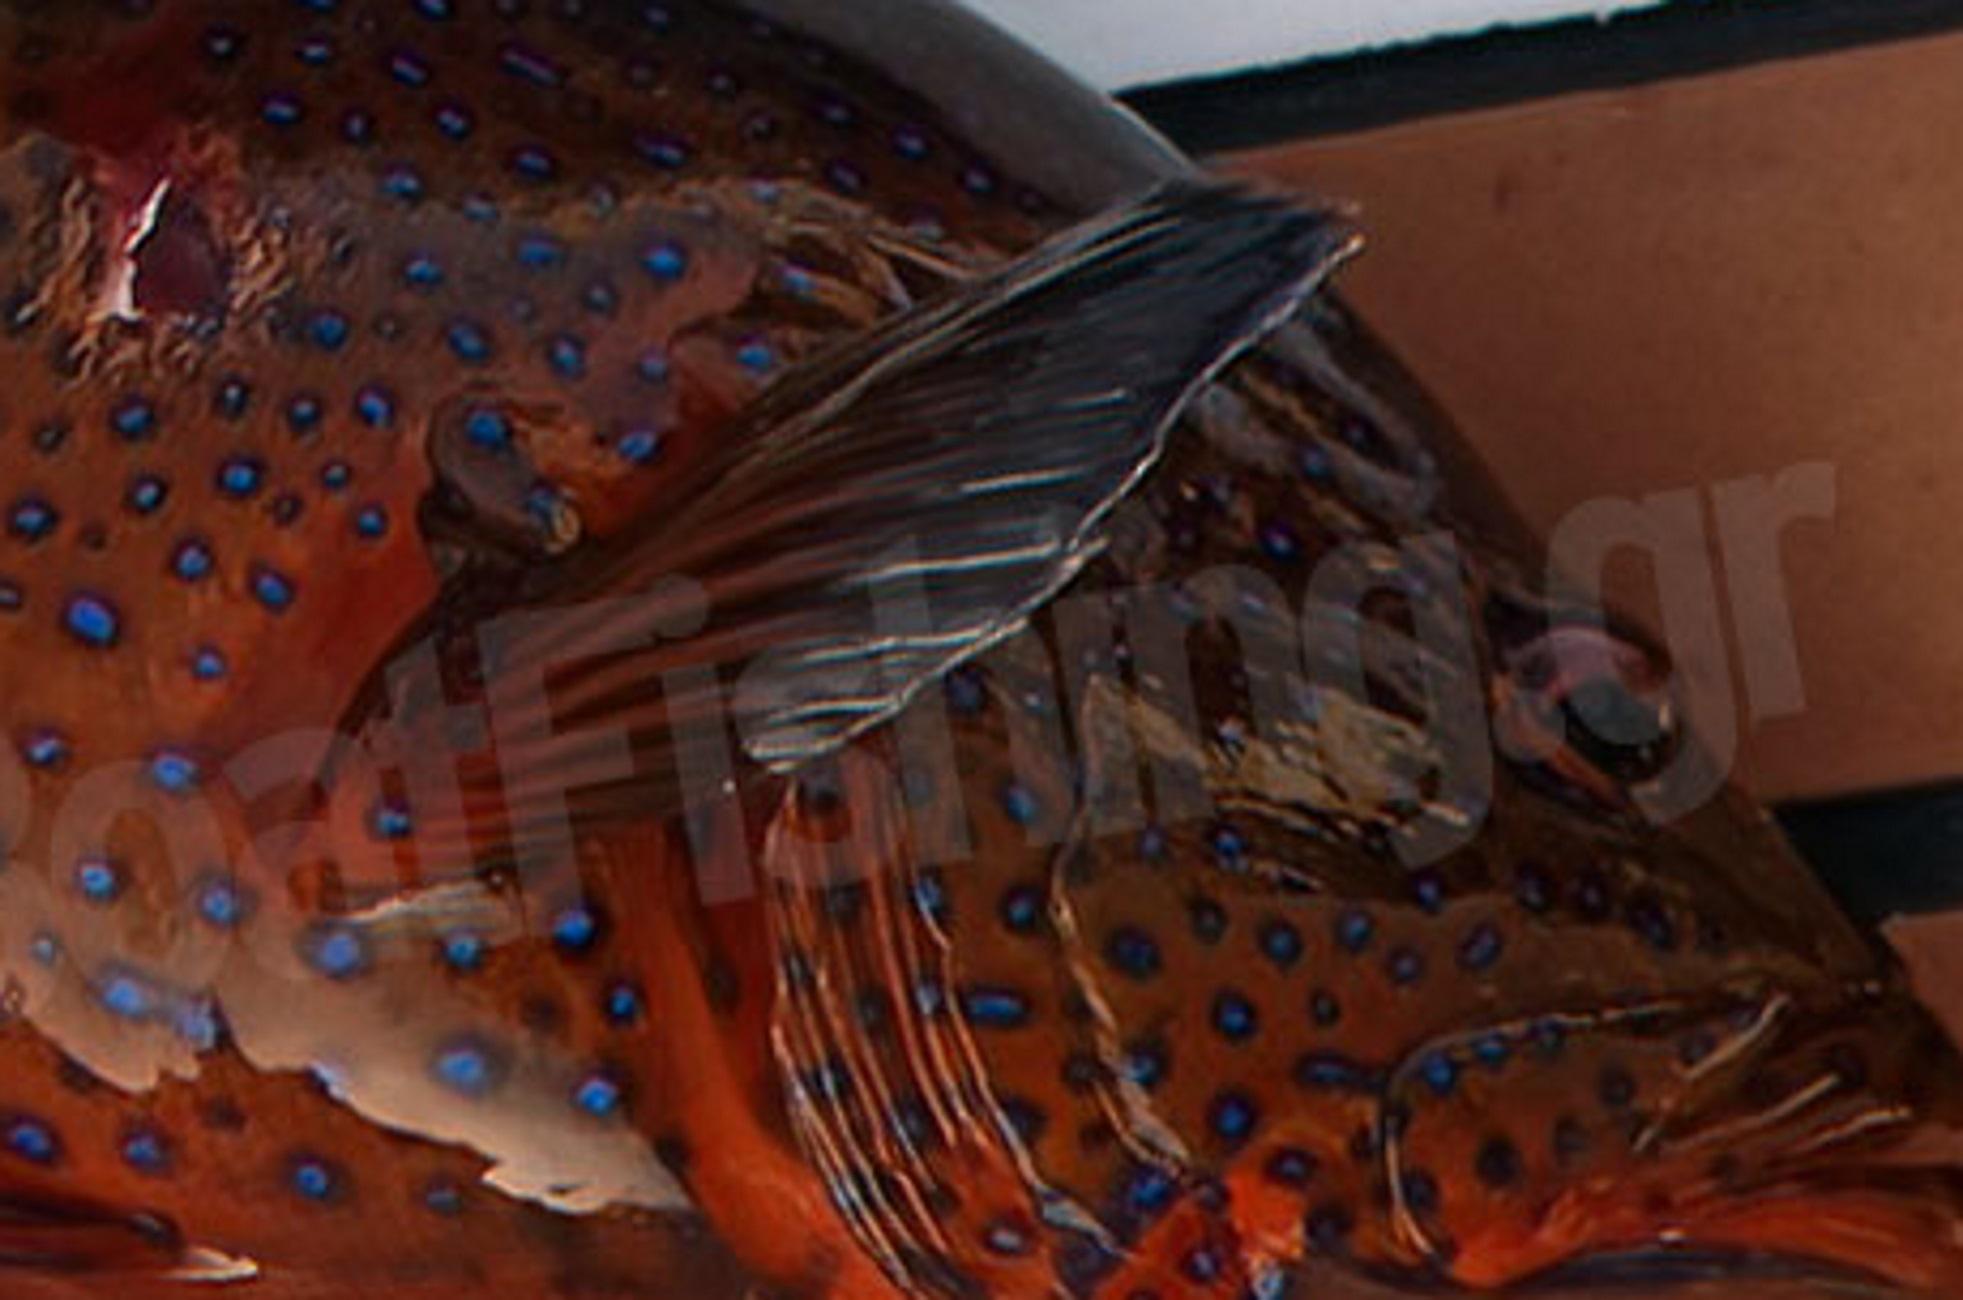 Σαρωνικός: Ψαροντουφεκάς βγήκε από τη θάλασσα με αυτό το ψάρι – Οι εικόνες που έγιναν θέμα συζήτησης